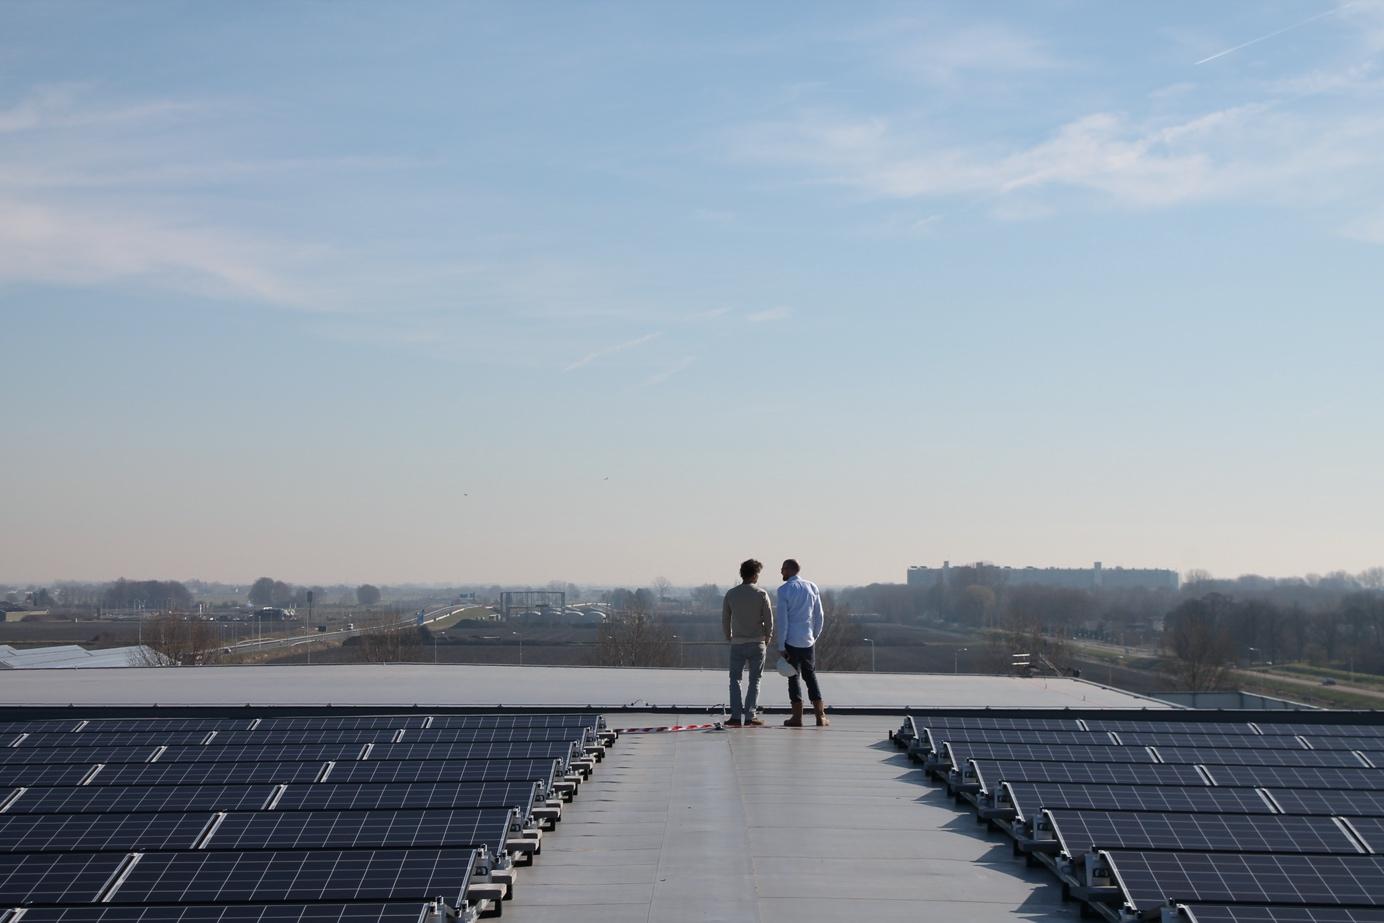 ZonnepanelenDelen maakt van zonne-energie een beleggingscategorie